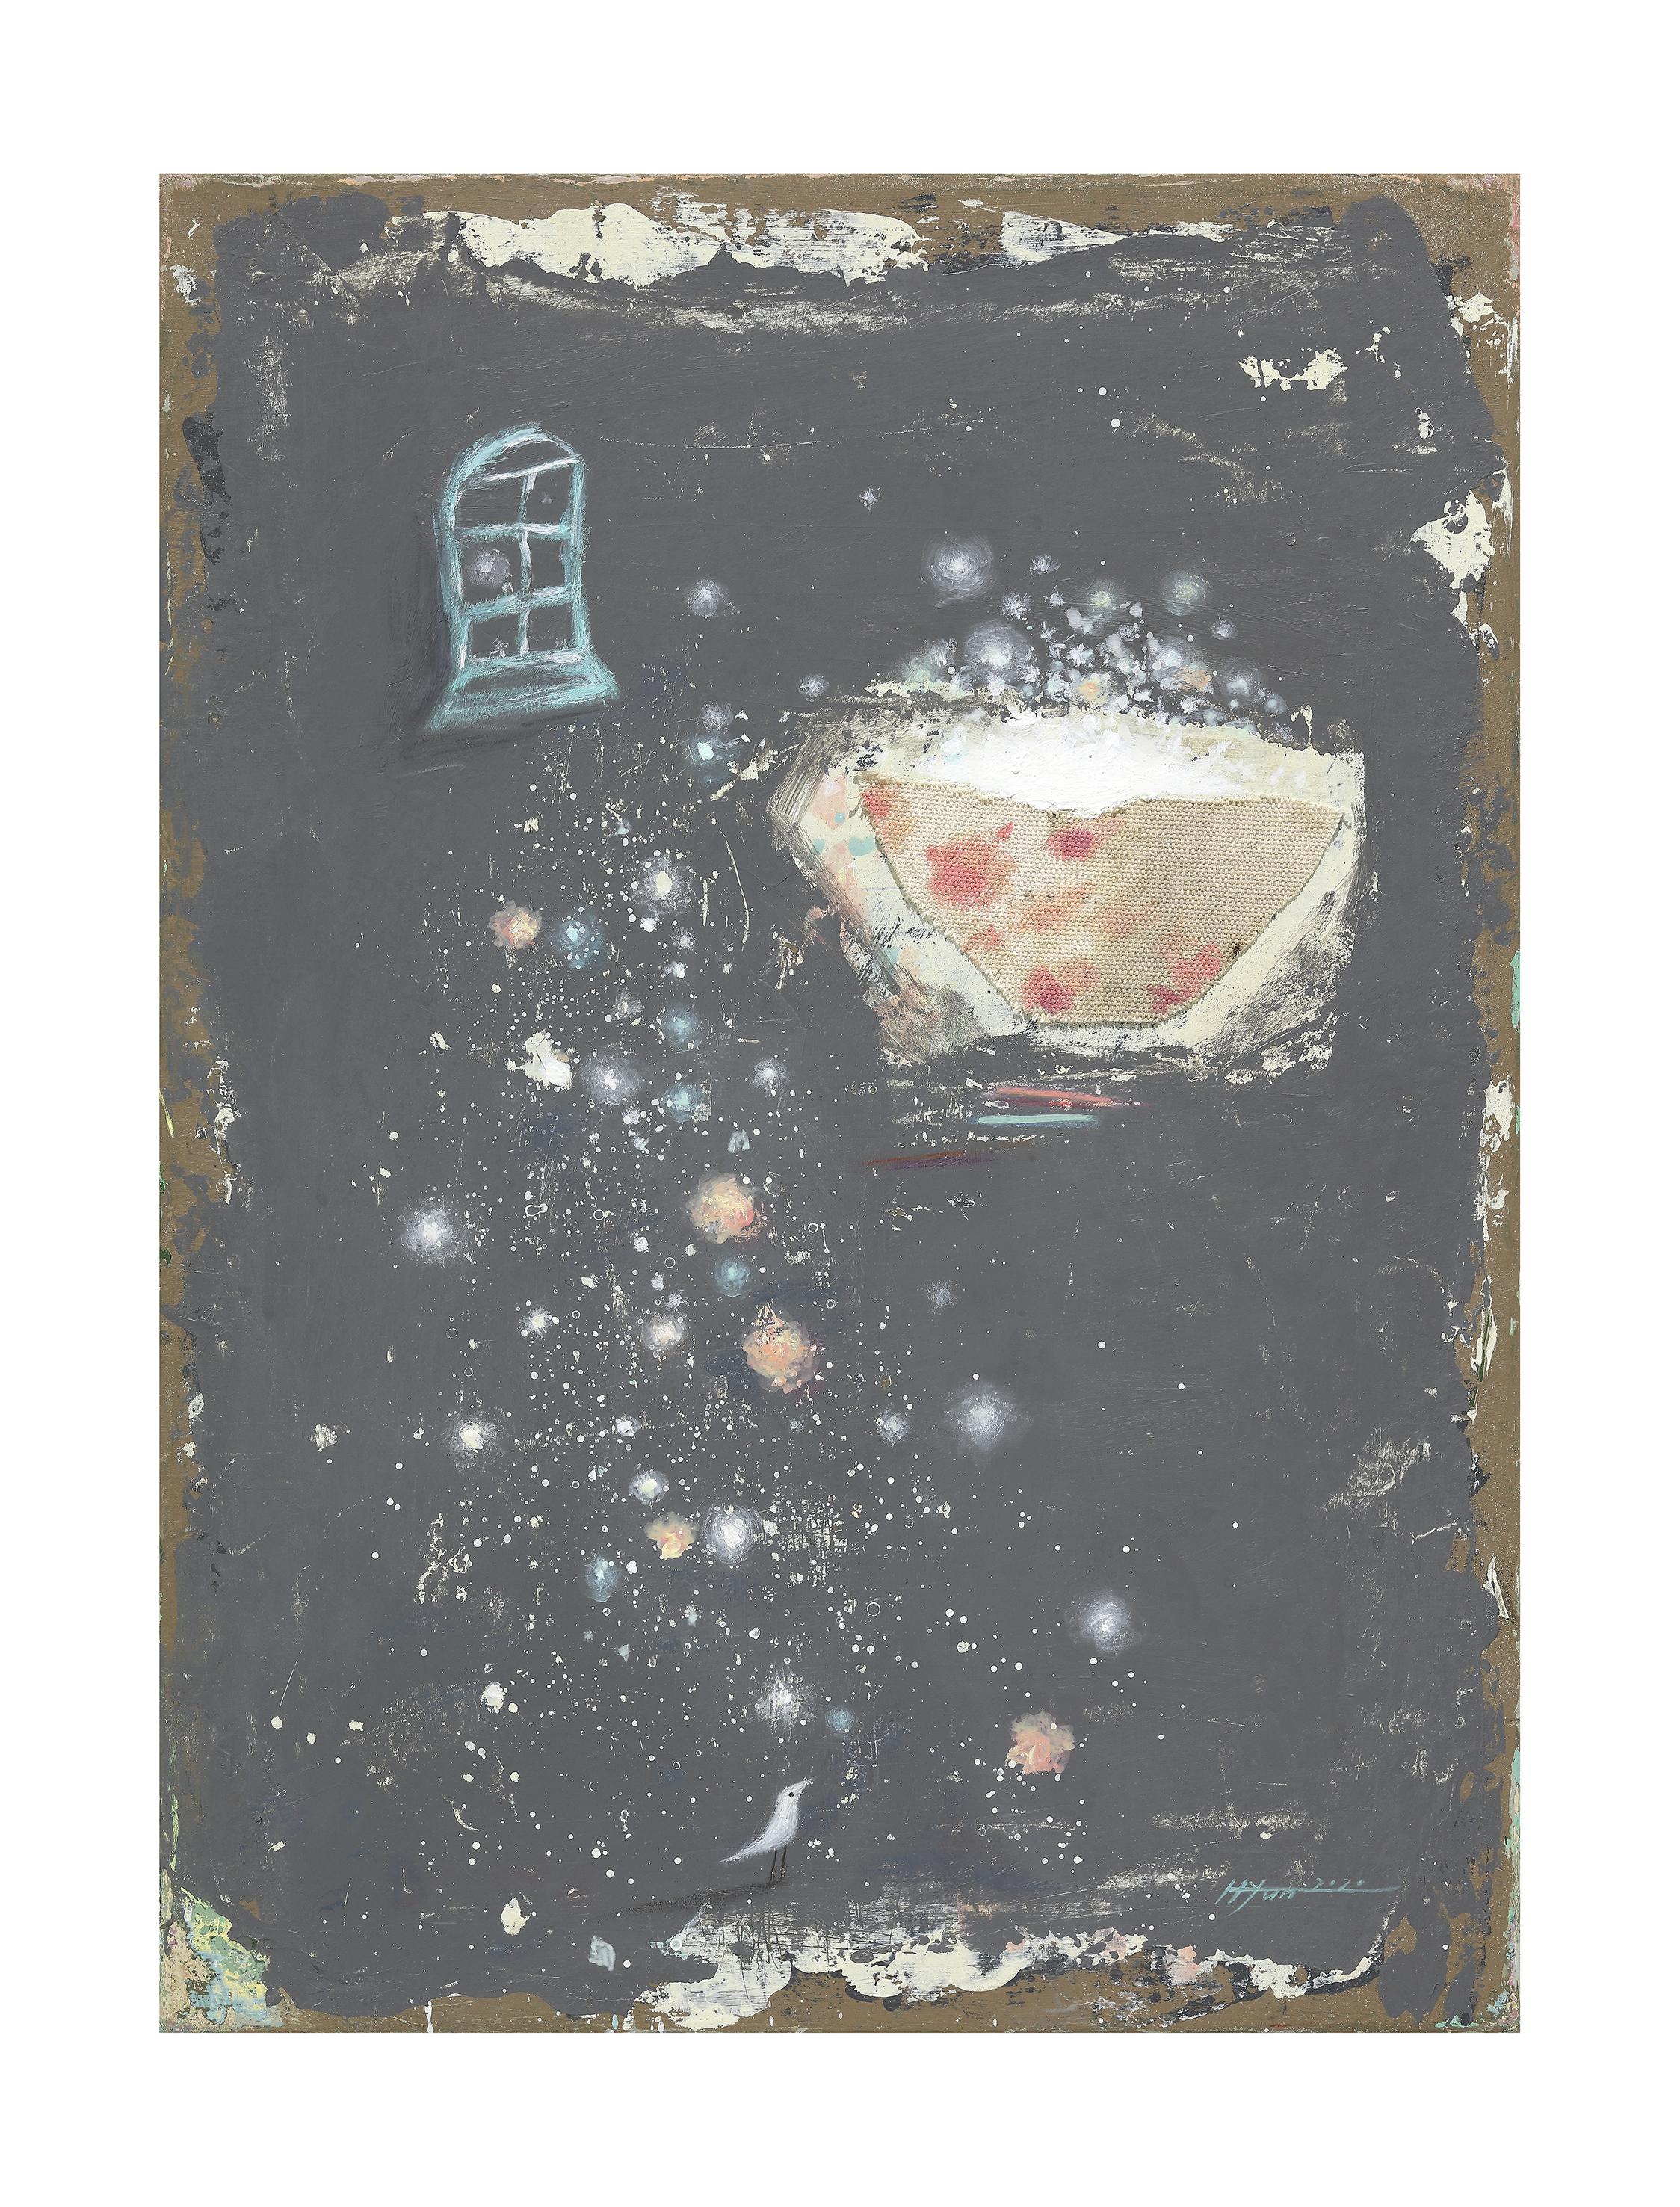 김현영1, gift 선물, 45.5 x 33